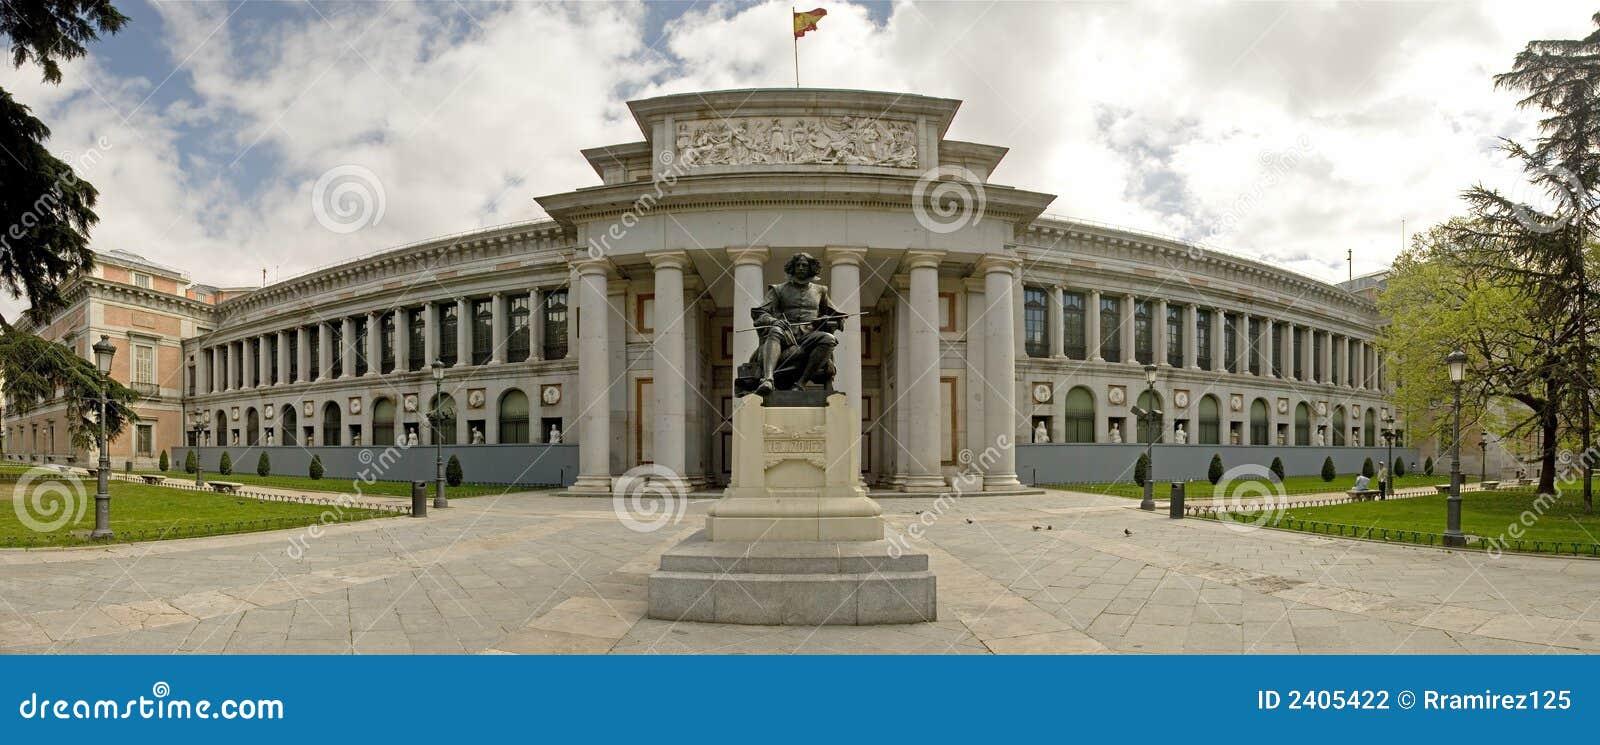 Museum EL-Prado